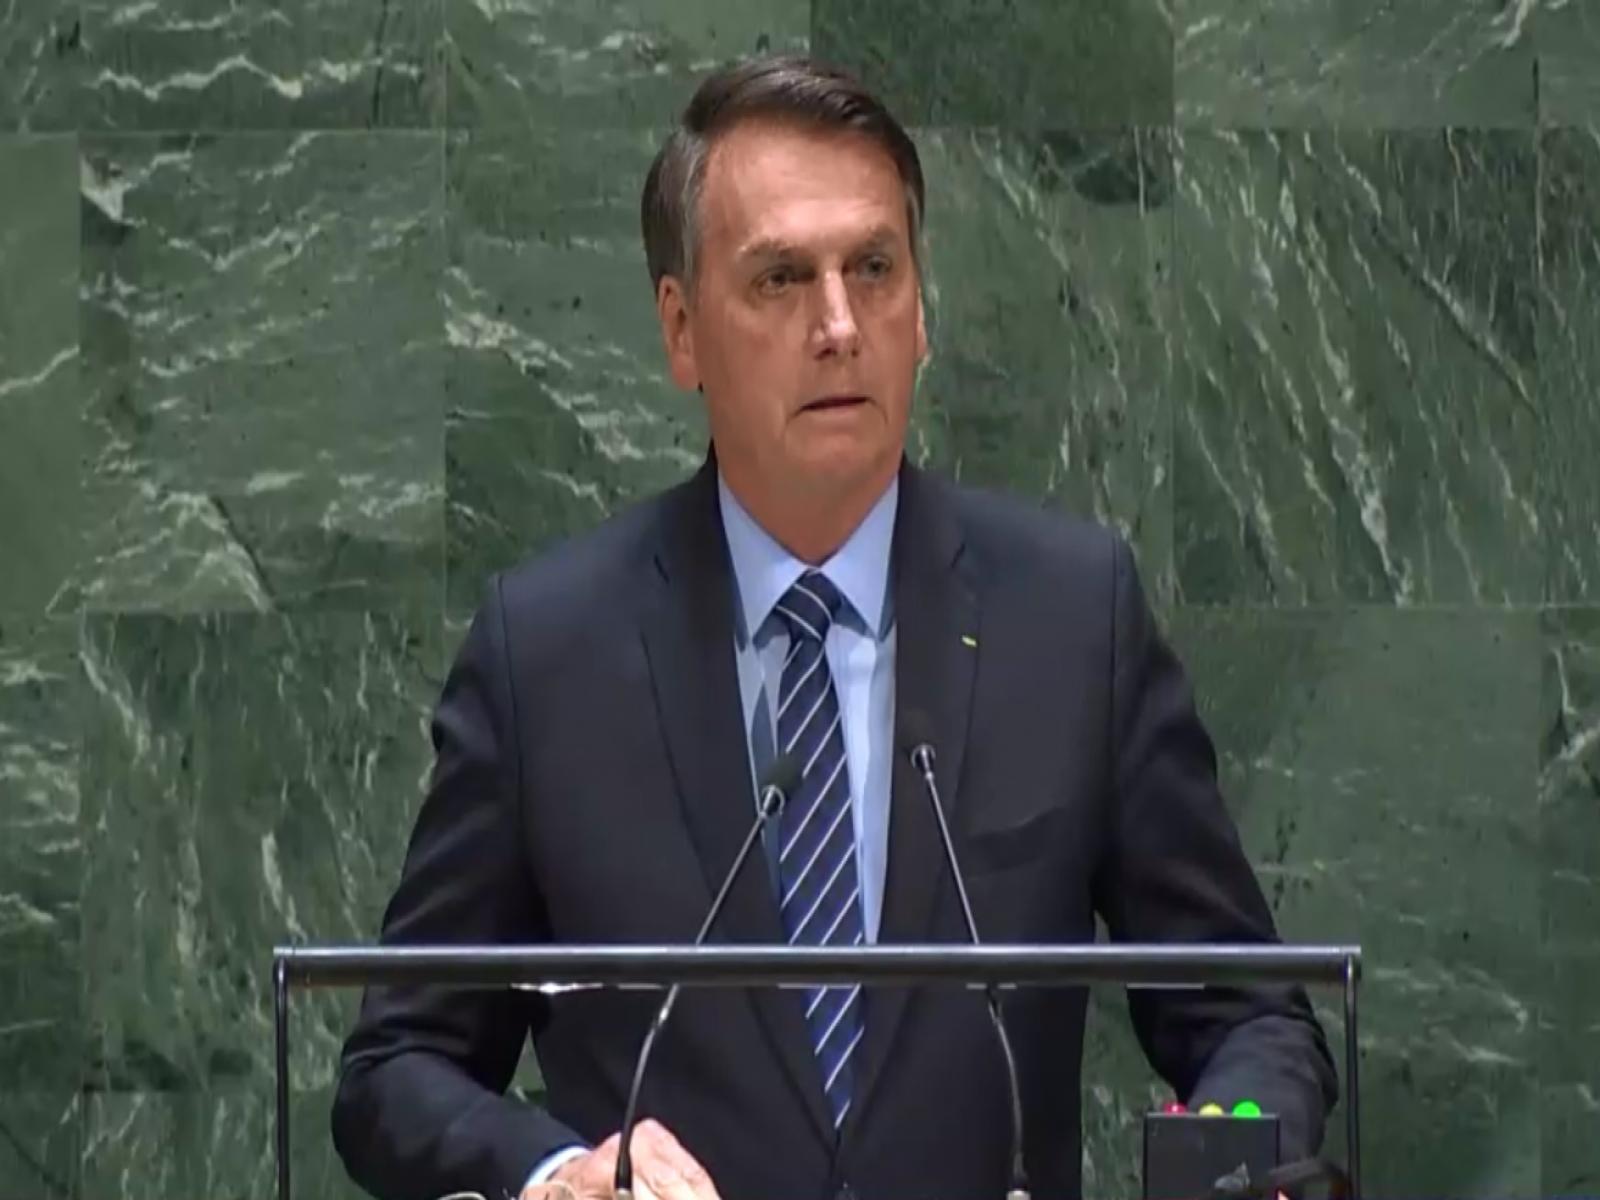 Brasil é vítima de campanha de desinformação sobre Amazônia e Pantanal, diz Bolsonaro na ONU